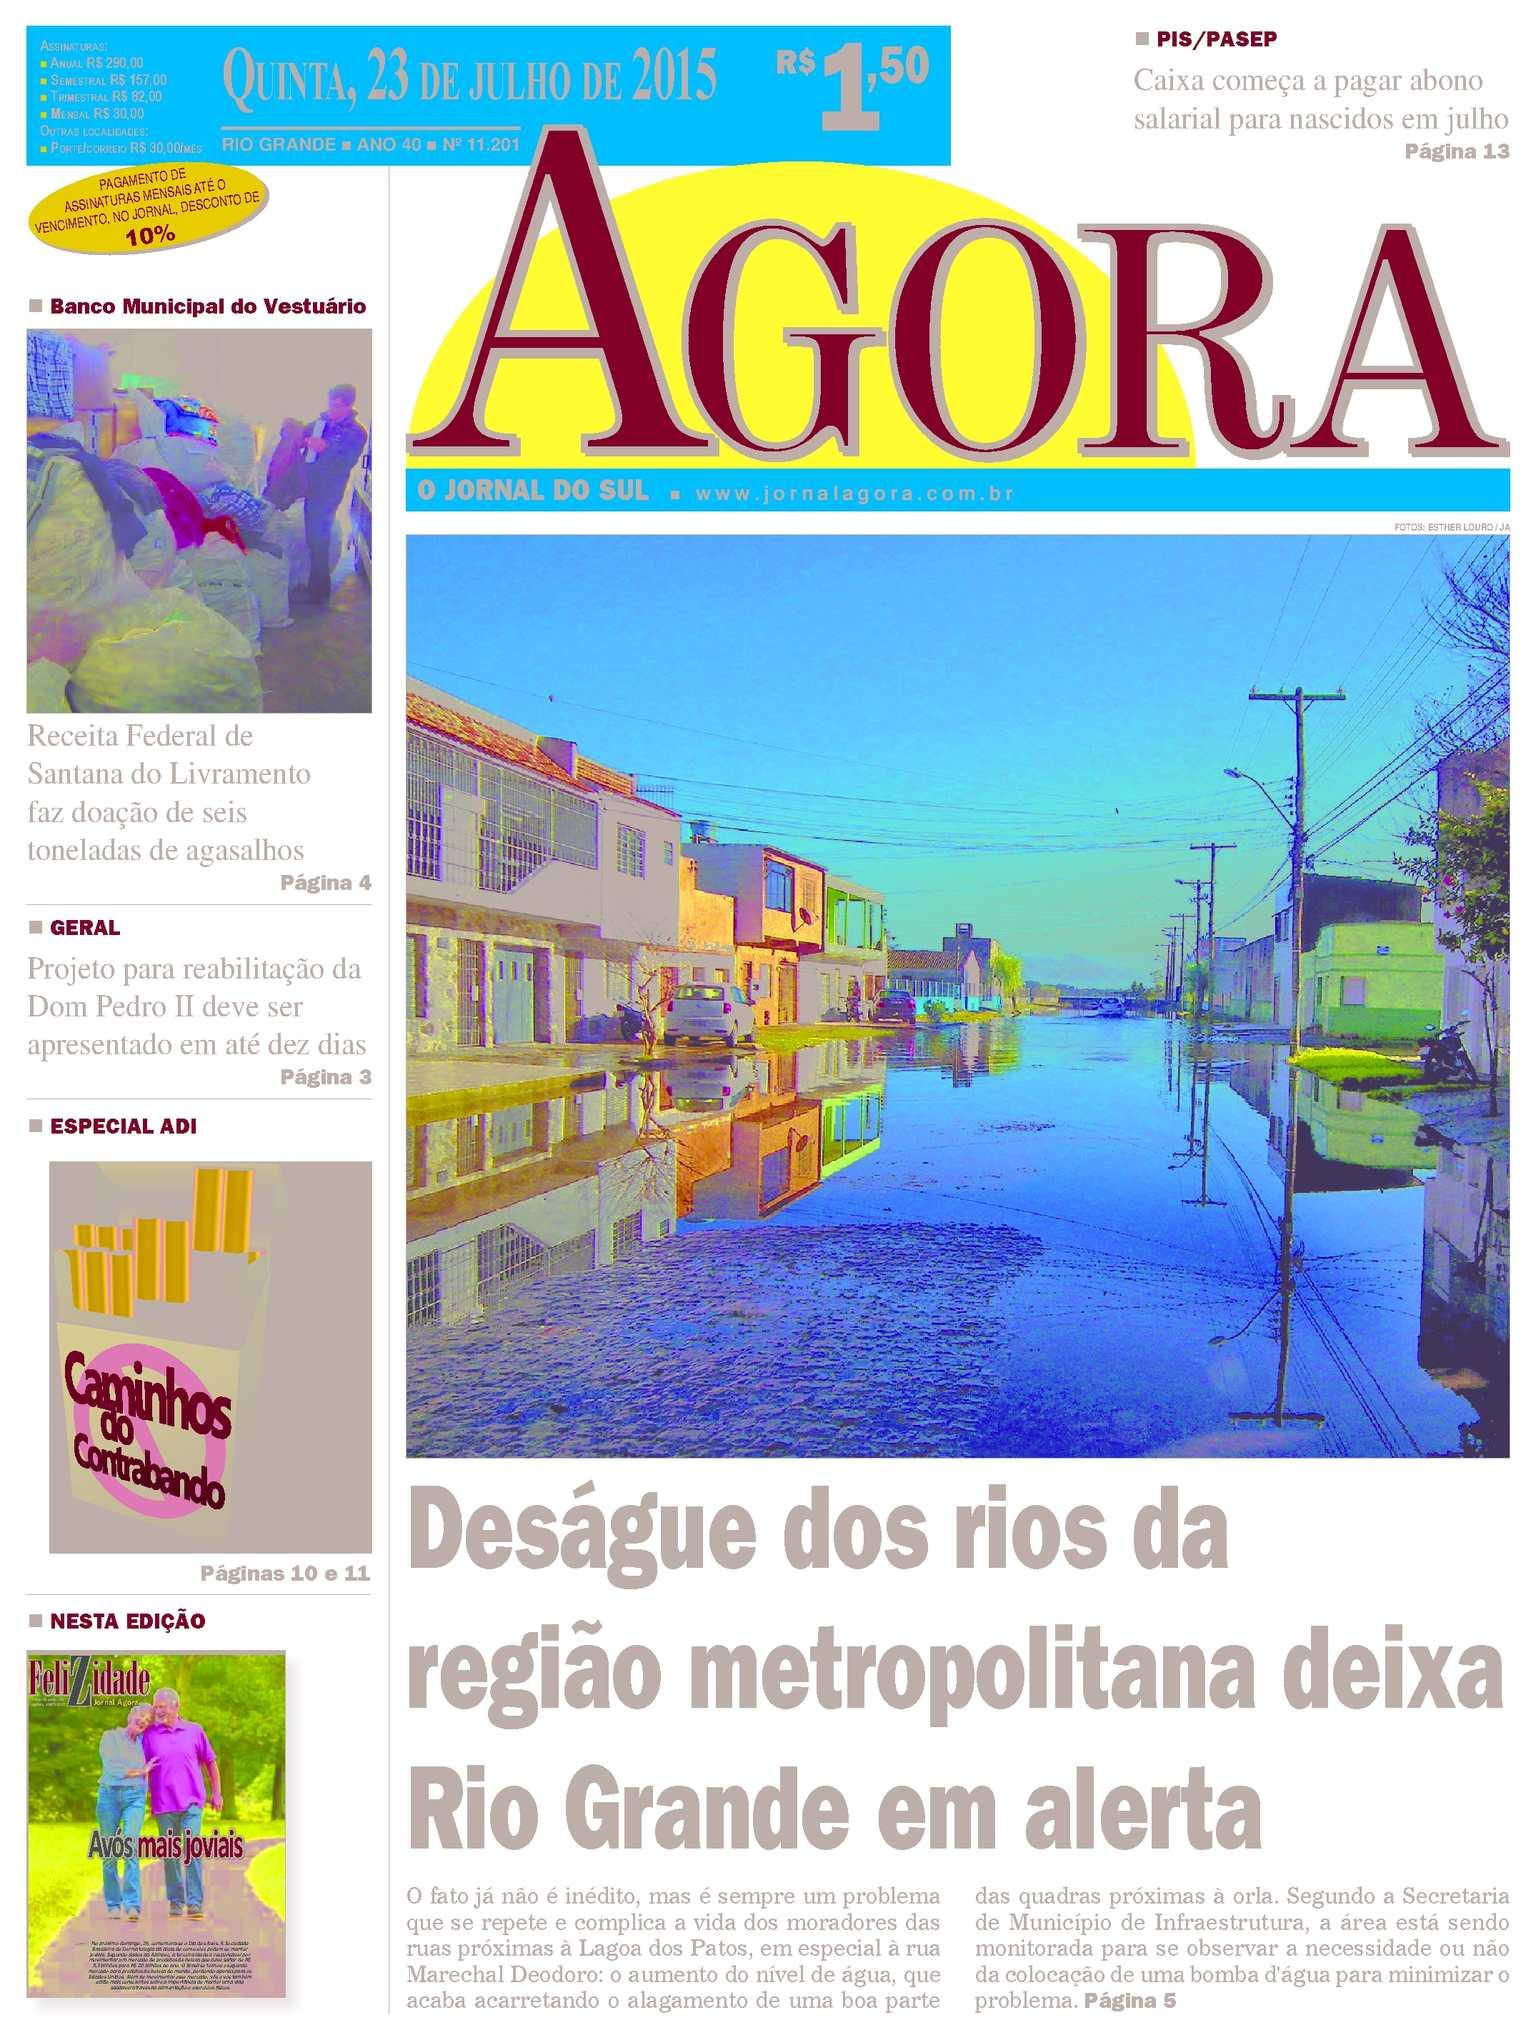 ff7ac5cf96b90 Calaméo - Jornal Agora - Edição 11201 - 23 de Julho de 2015